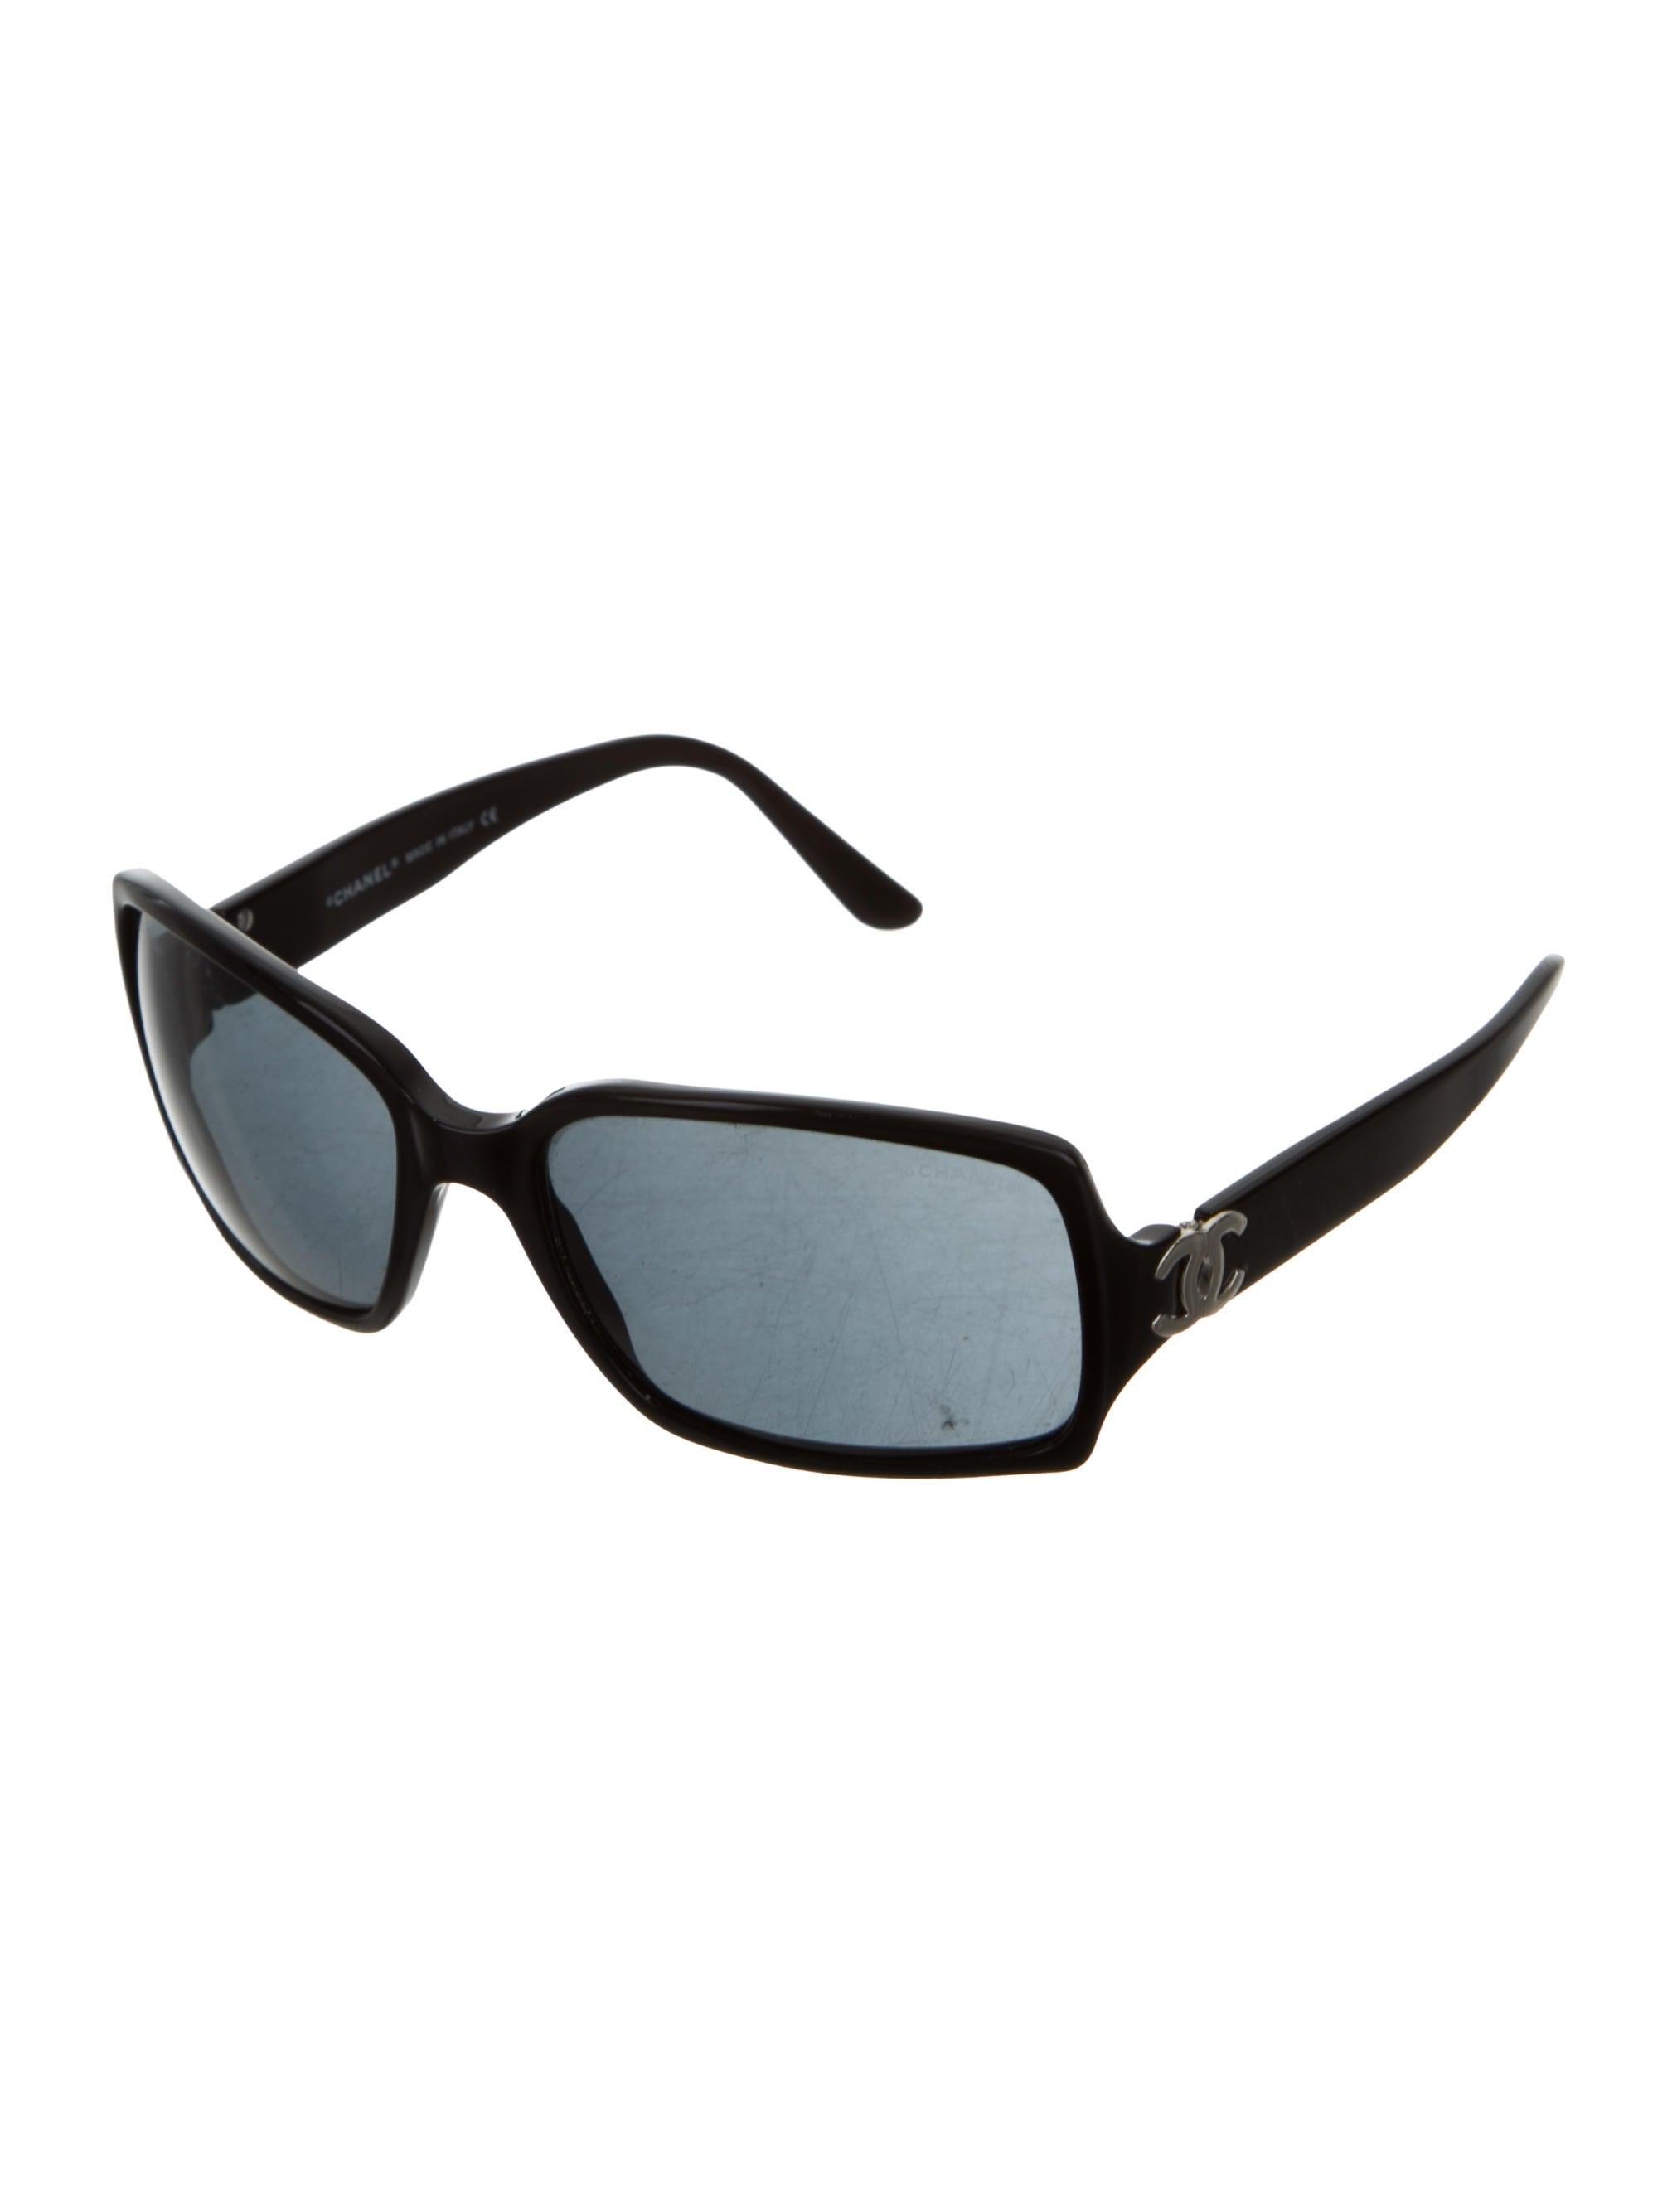 Chanel Rectangle CC Sunglasses - Accessories - CHA166234 ...